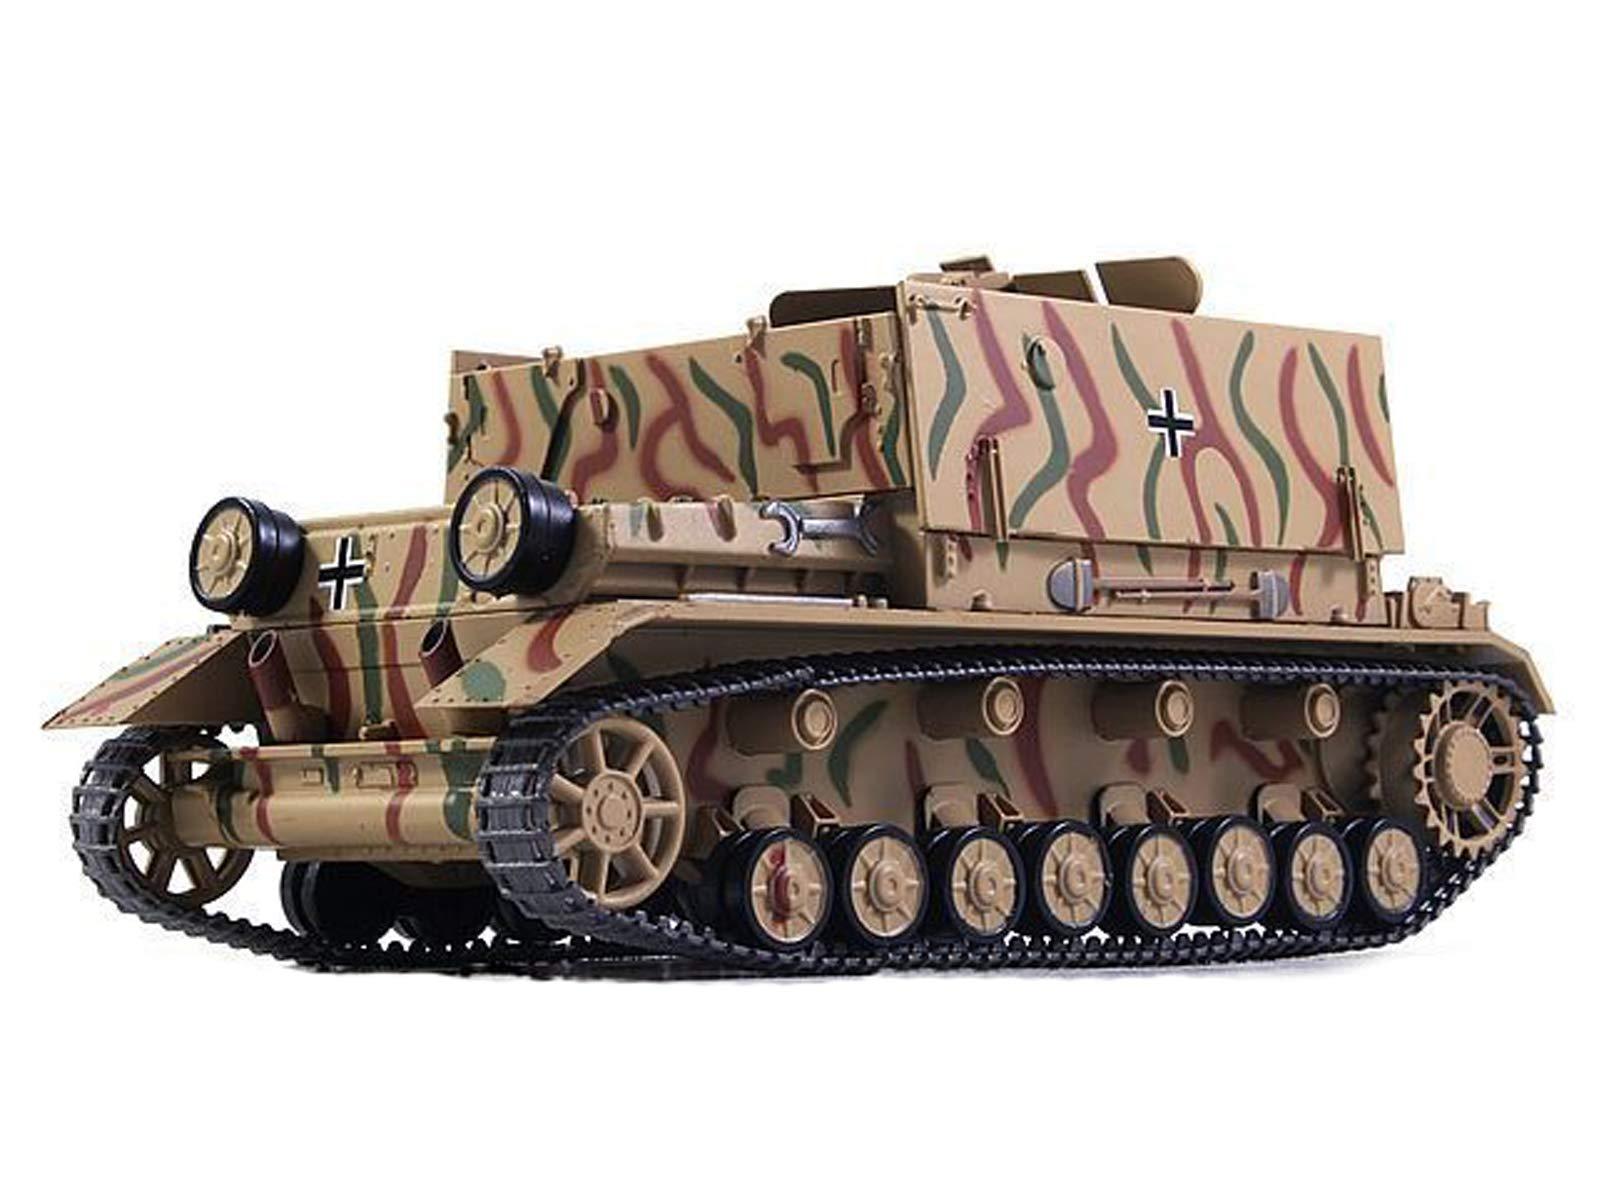 Flakpanzer IV Mobelwagen 1944 Year German Panzer IV Tank 1/43 Collectible Model Vehicle Self-Propelled Anti-Aircraft Gun by Deutsche Eisenwerke